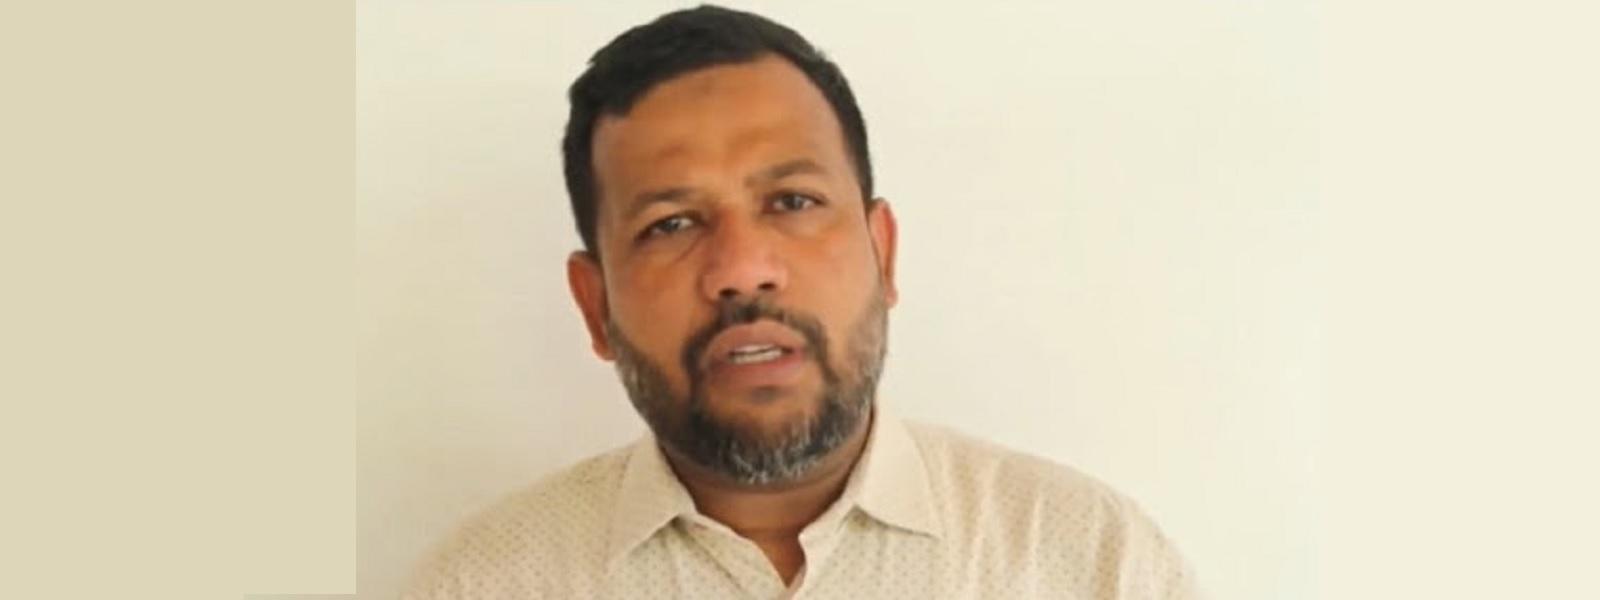 ரிஷாட் பதியுதீன் தலைமையிலான குழுவினர் பாகிஸ்தான் பிரதி உயர்ஸ்தானிகரை சந்தித்து கலந்துரையாடல்